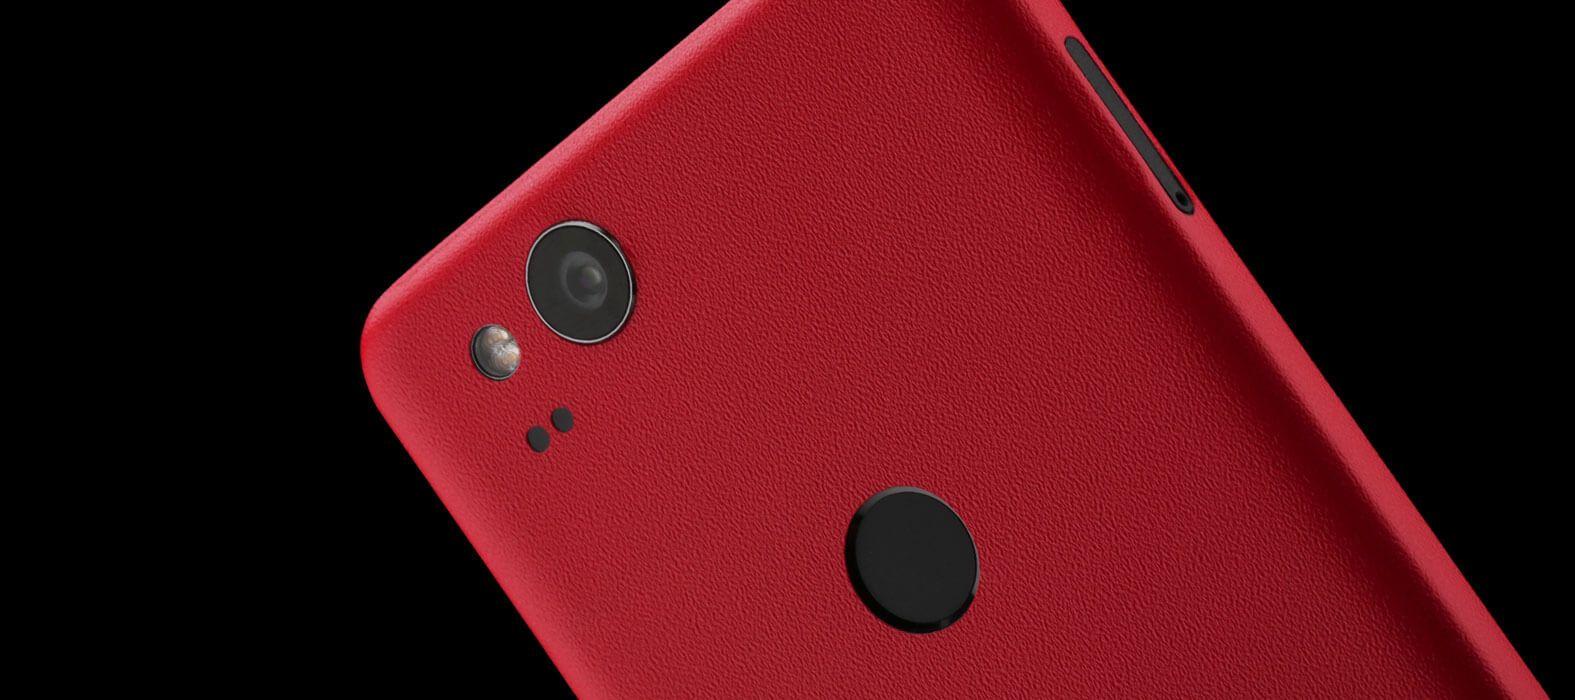 Pixel 2 Wraps, Skins, Decals - Sandstone Red